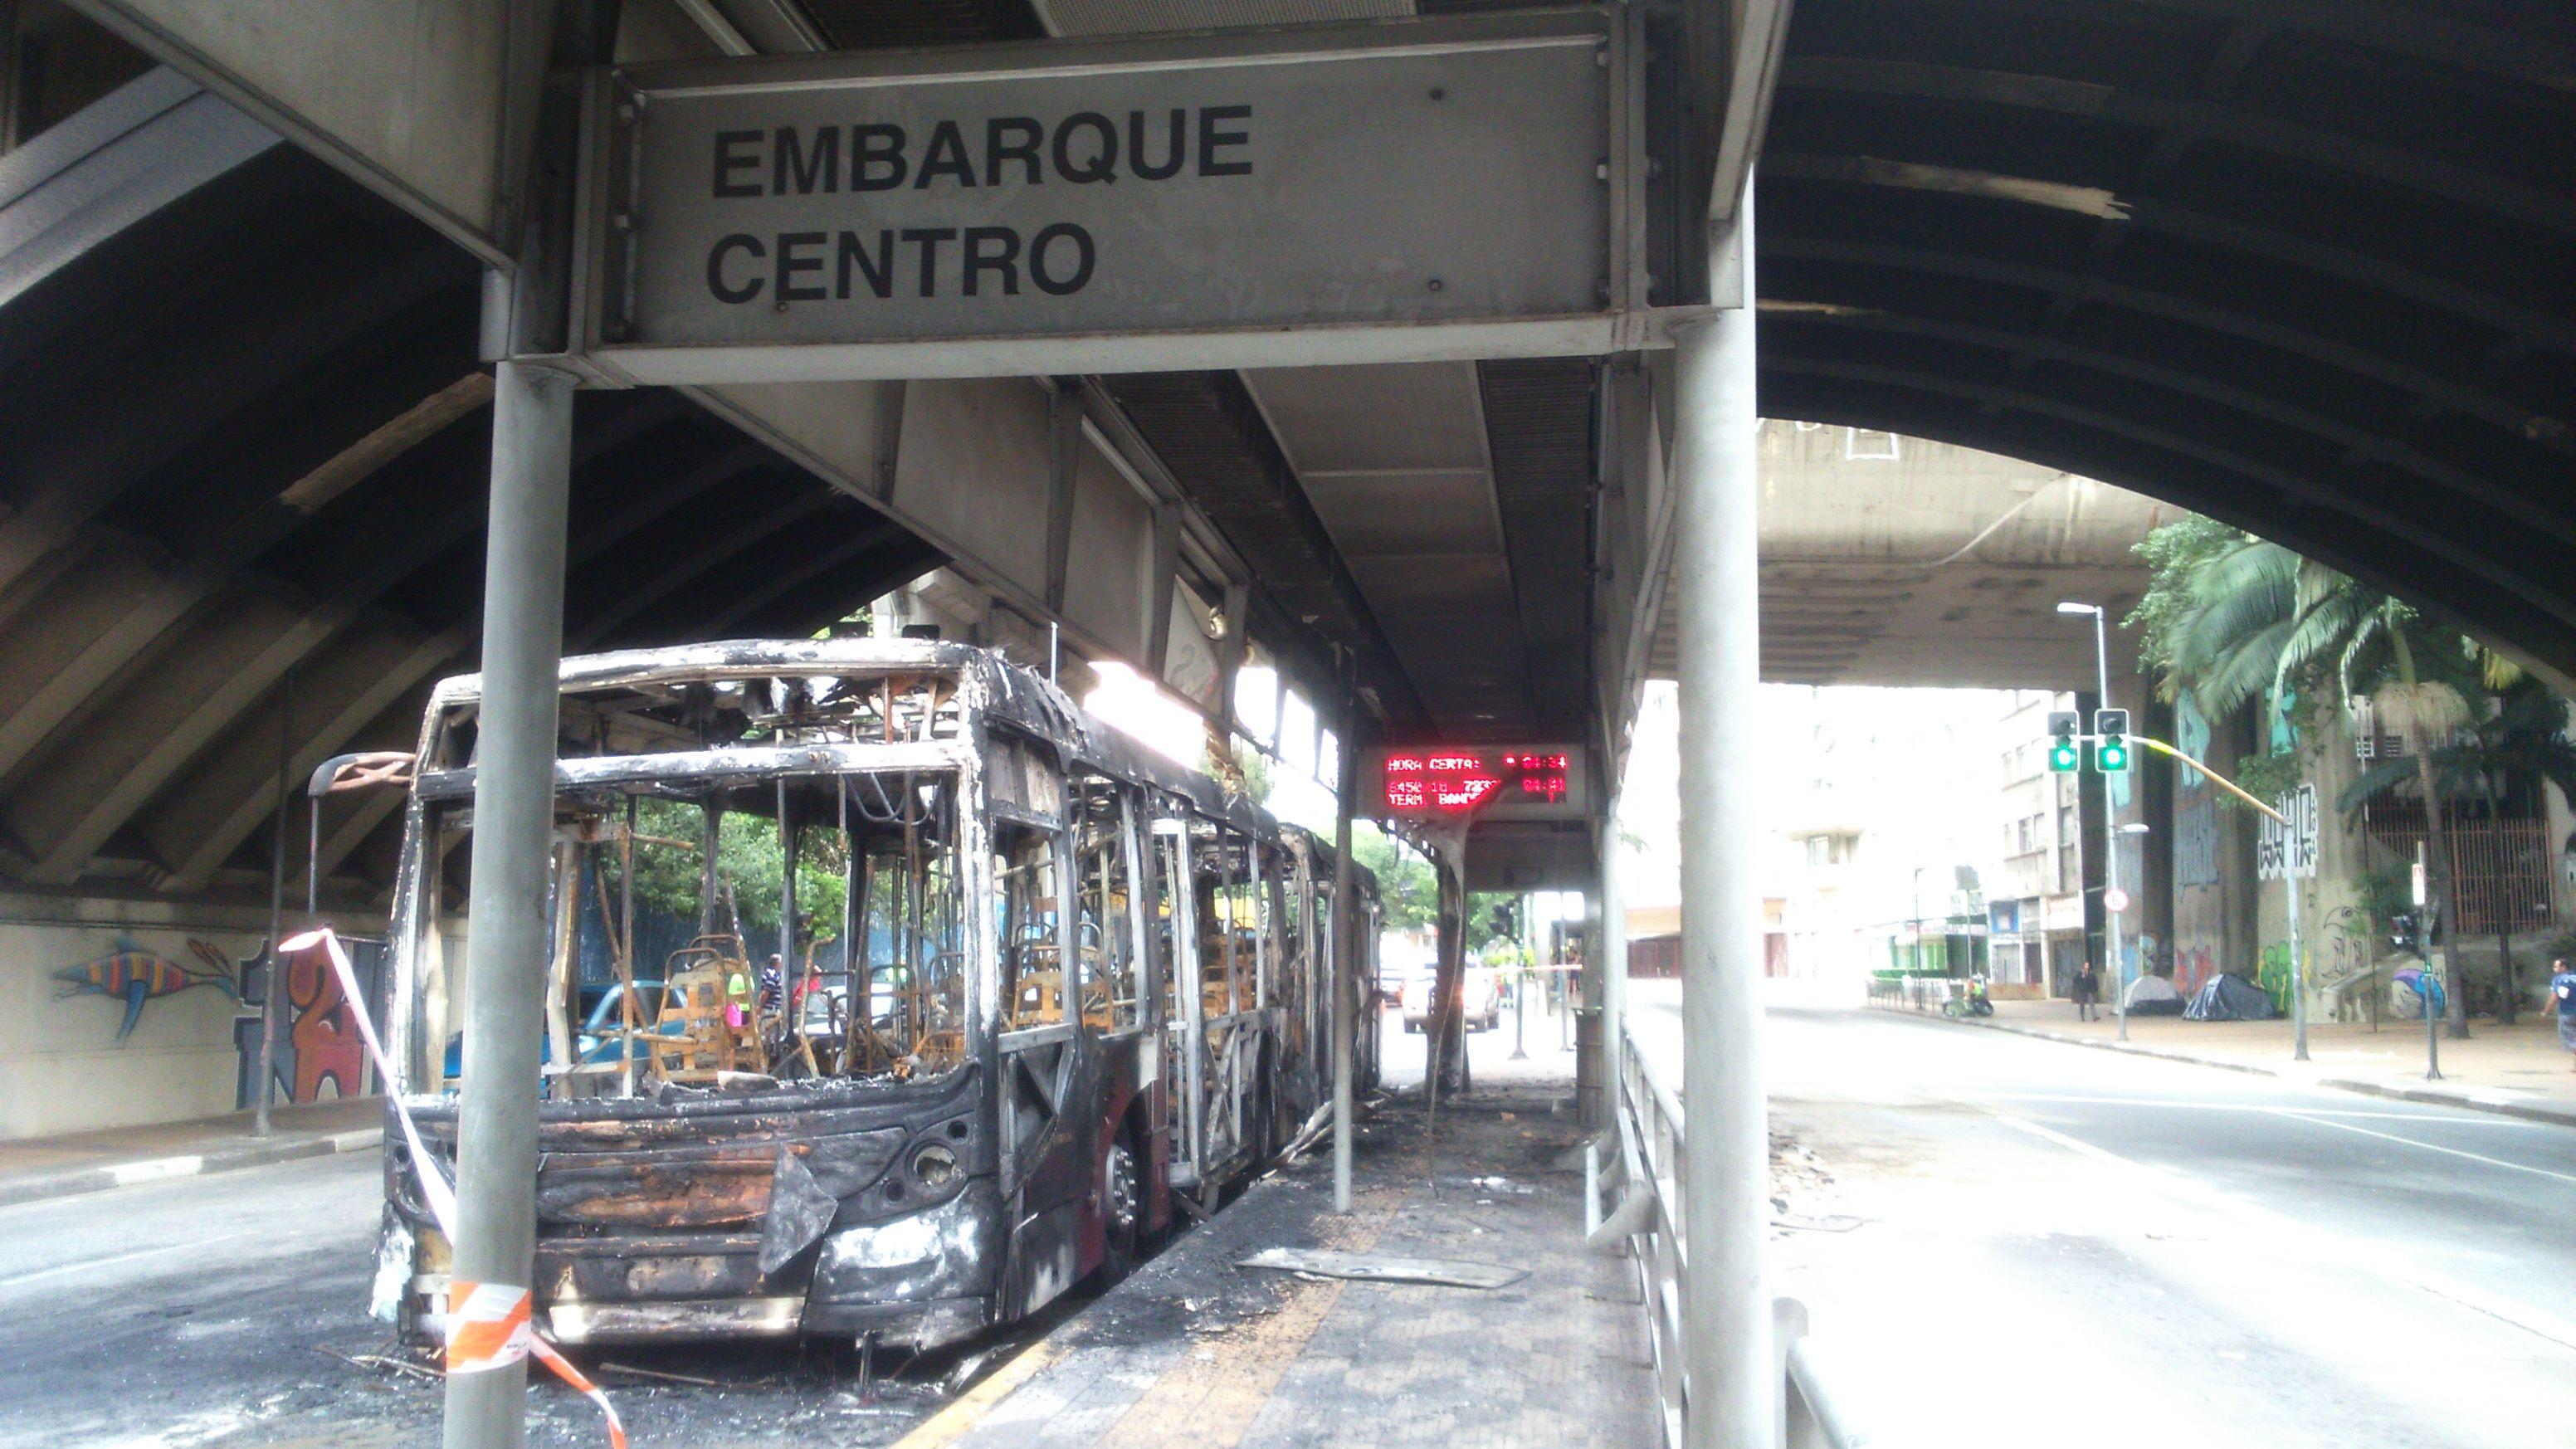 Ônibus ficou totalmente destruído após incêndio / Débora Mendonça/Rádio SulAmérica Trânsito